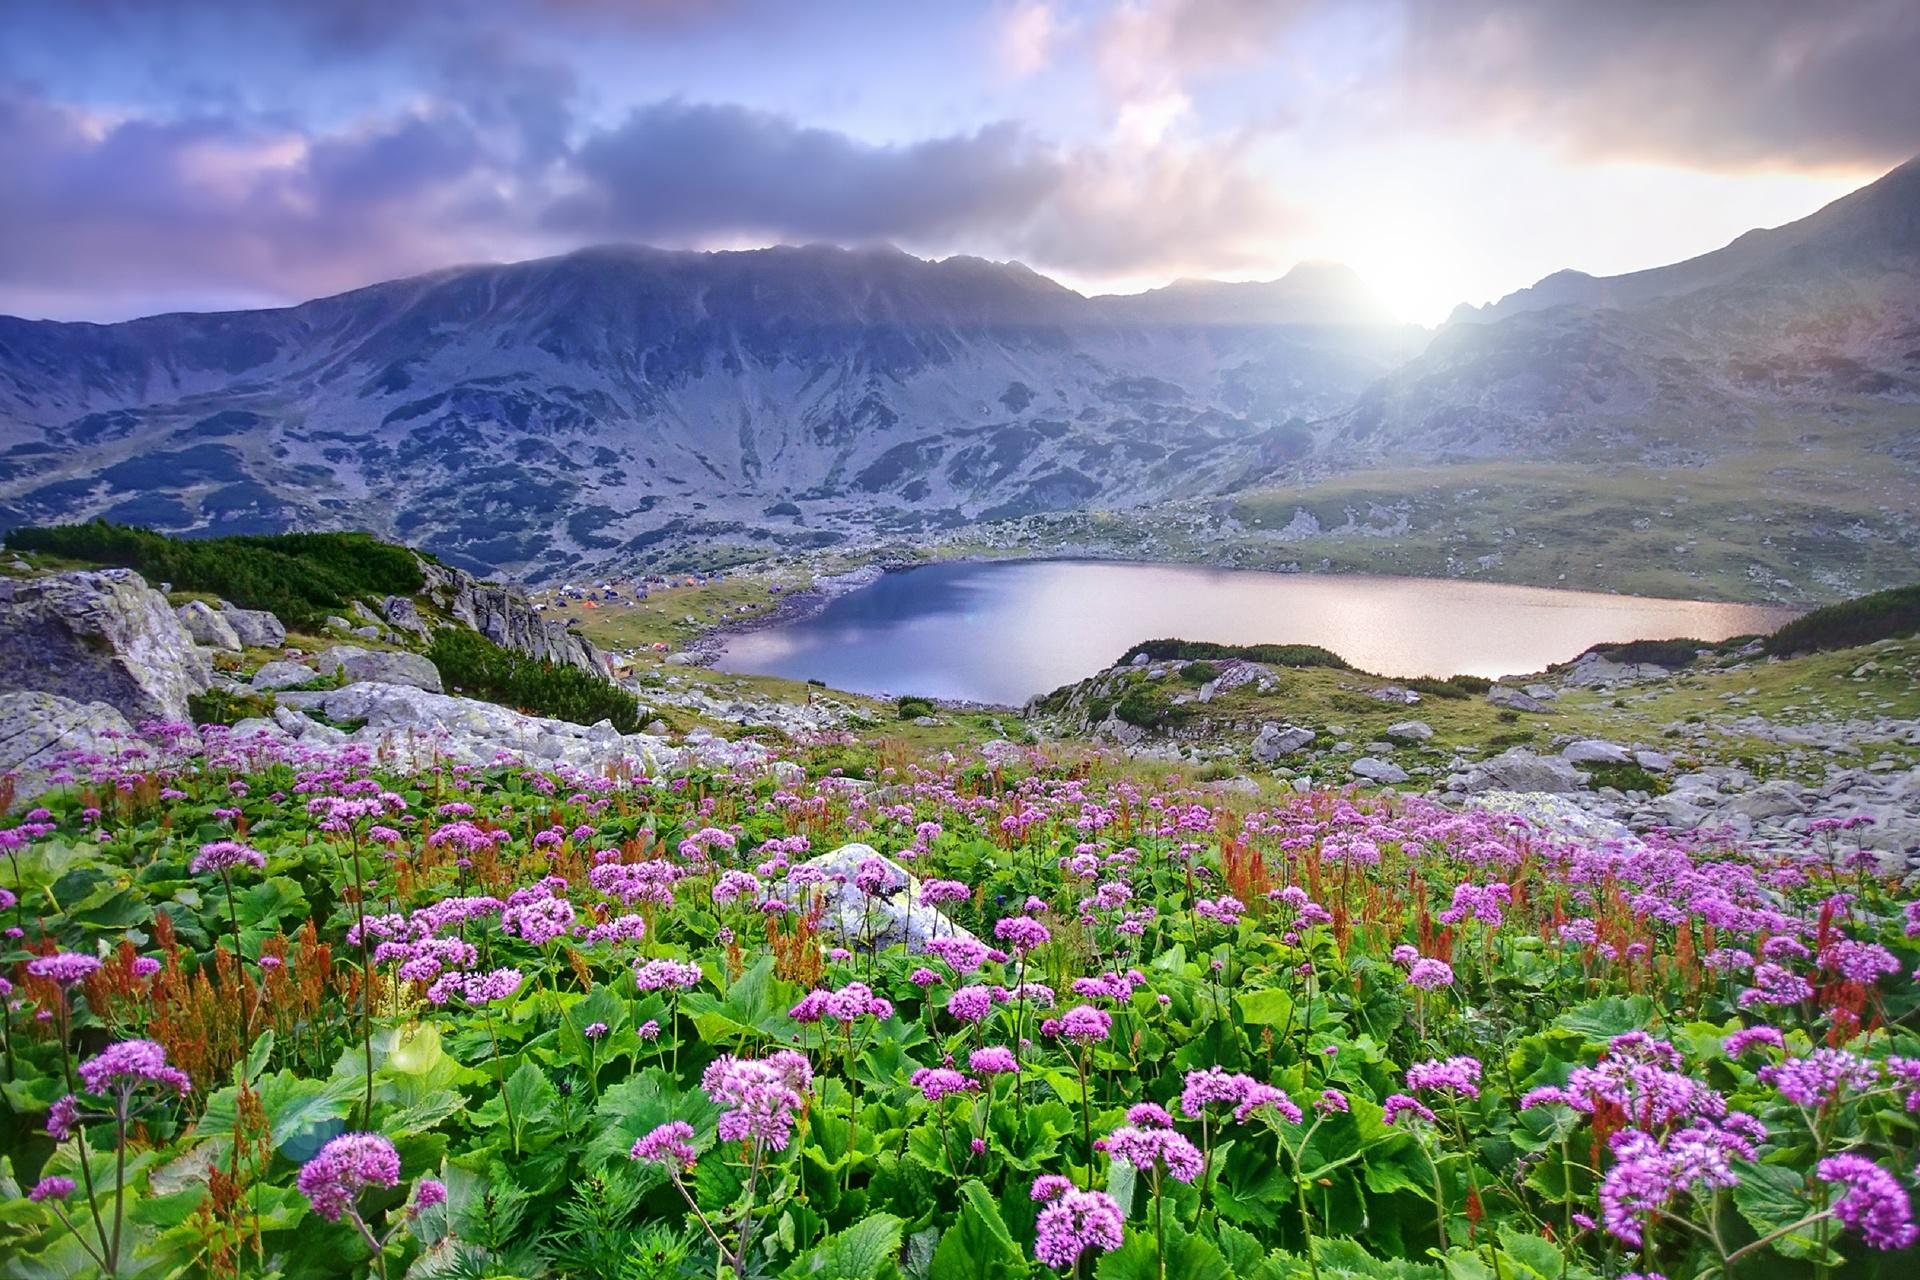 湖と山と花の風景 ルーマニアの風景